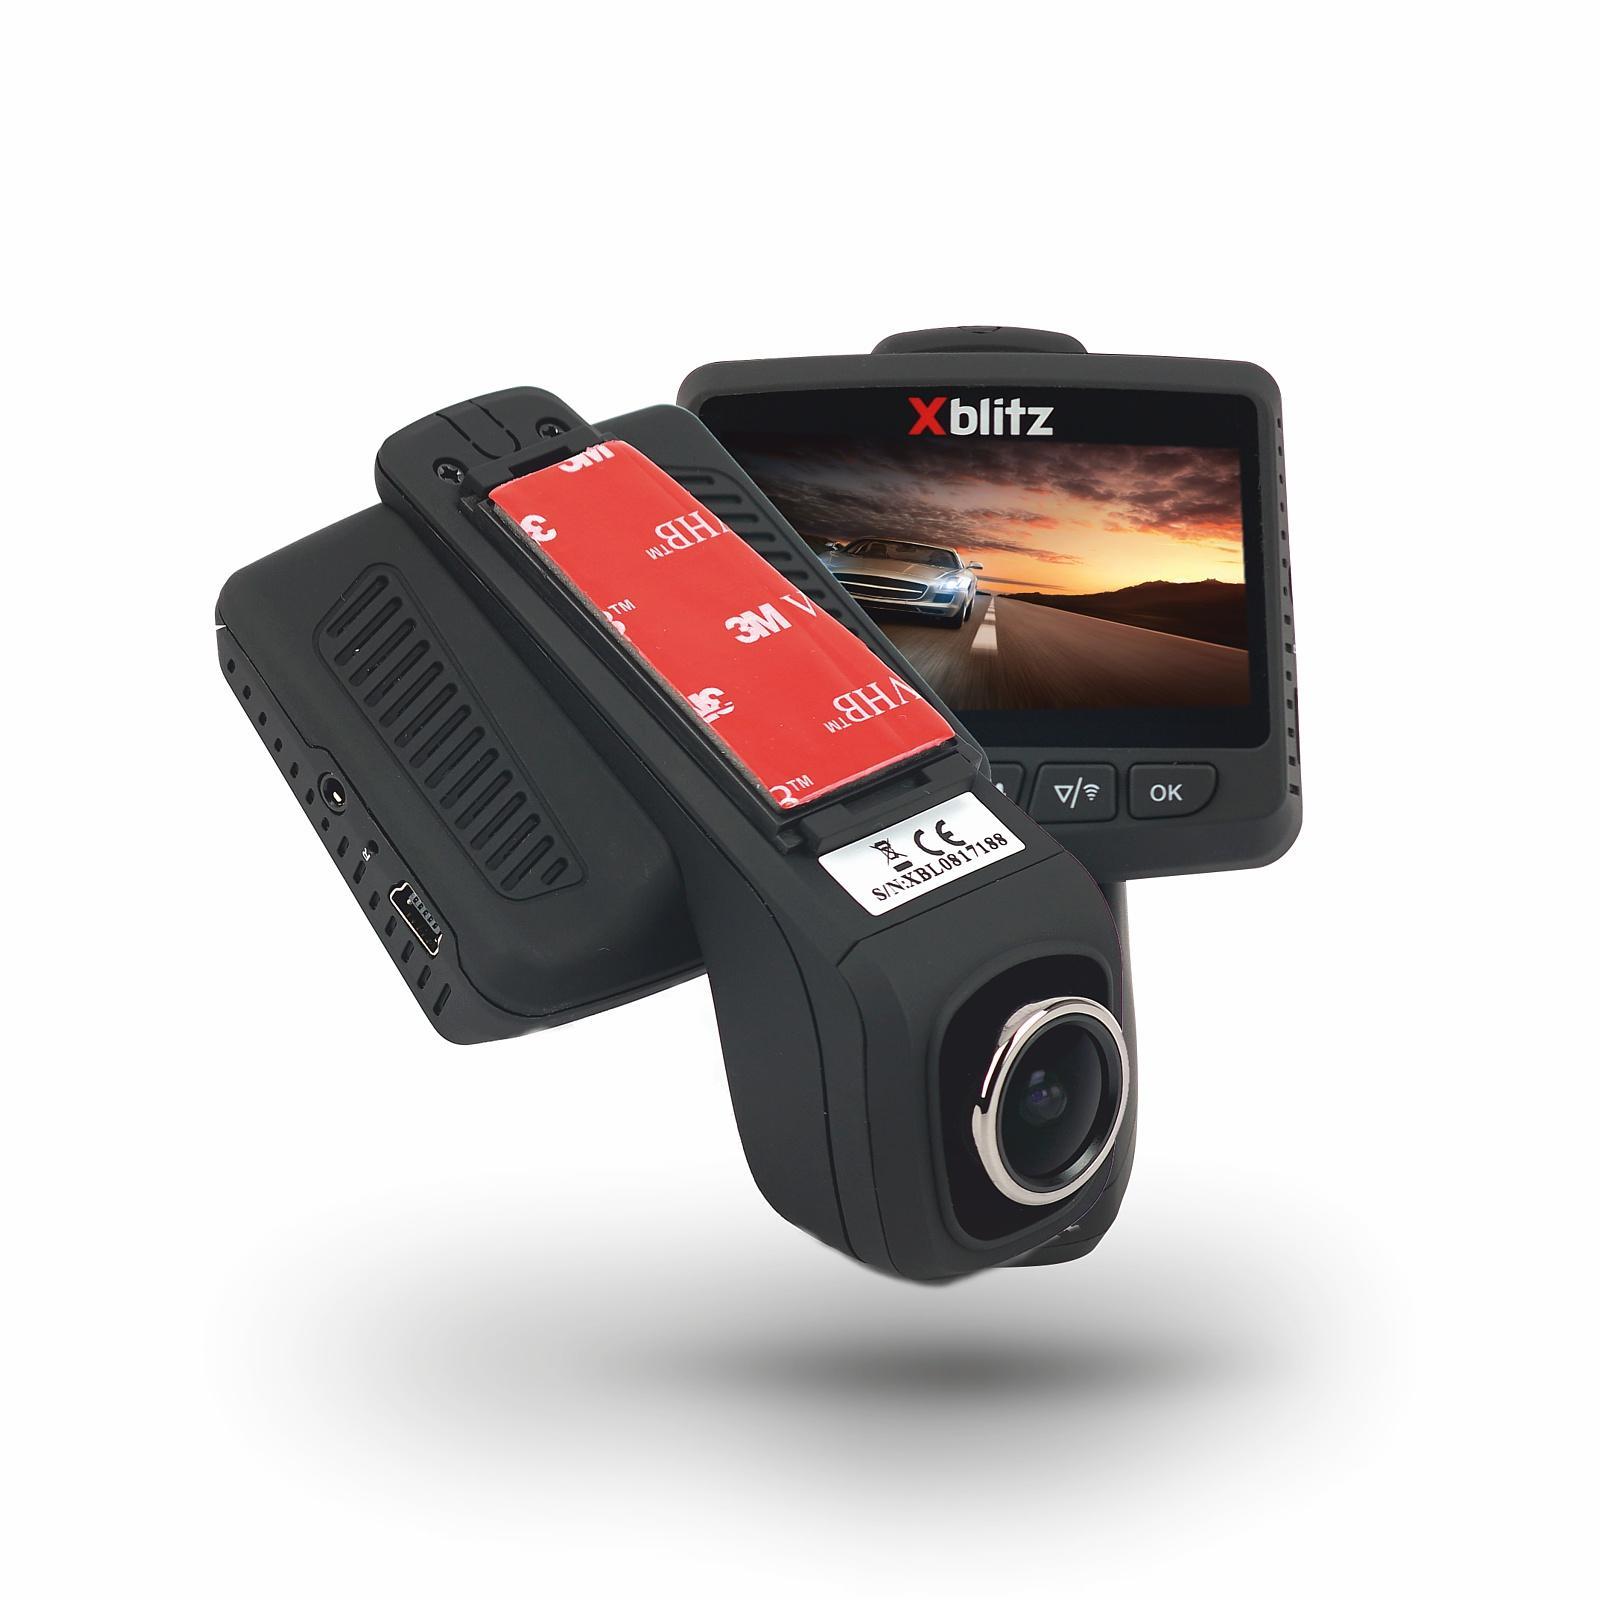 Dashcams X5 WI-FI XBLITZ X5 WI-FI original quality